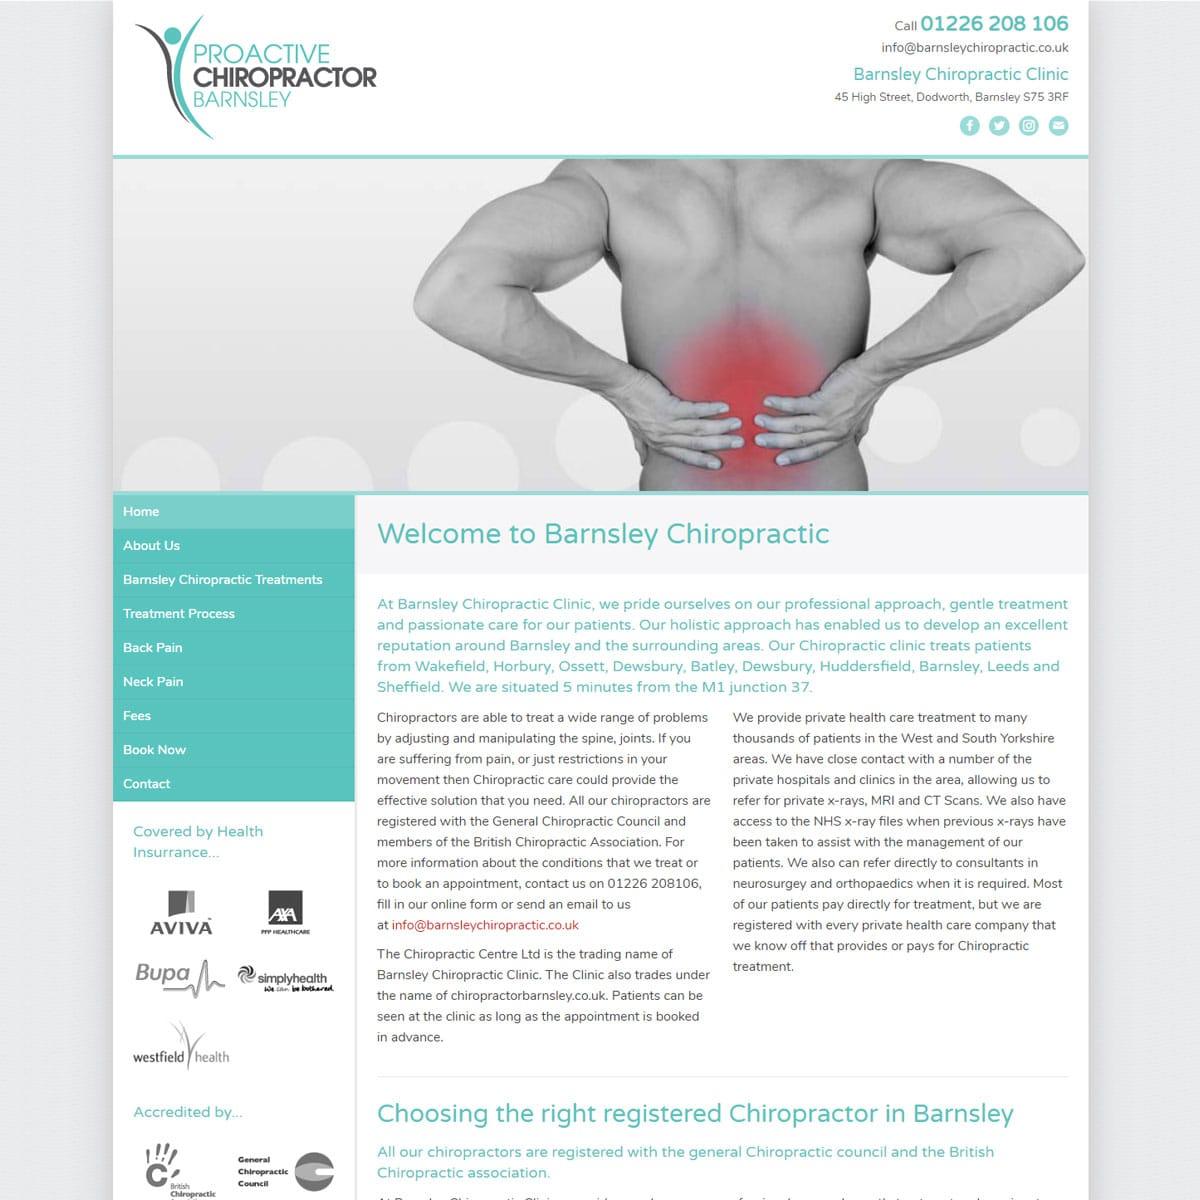 barnsleychiropractic